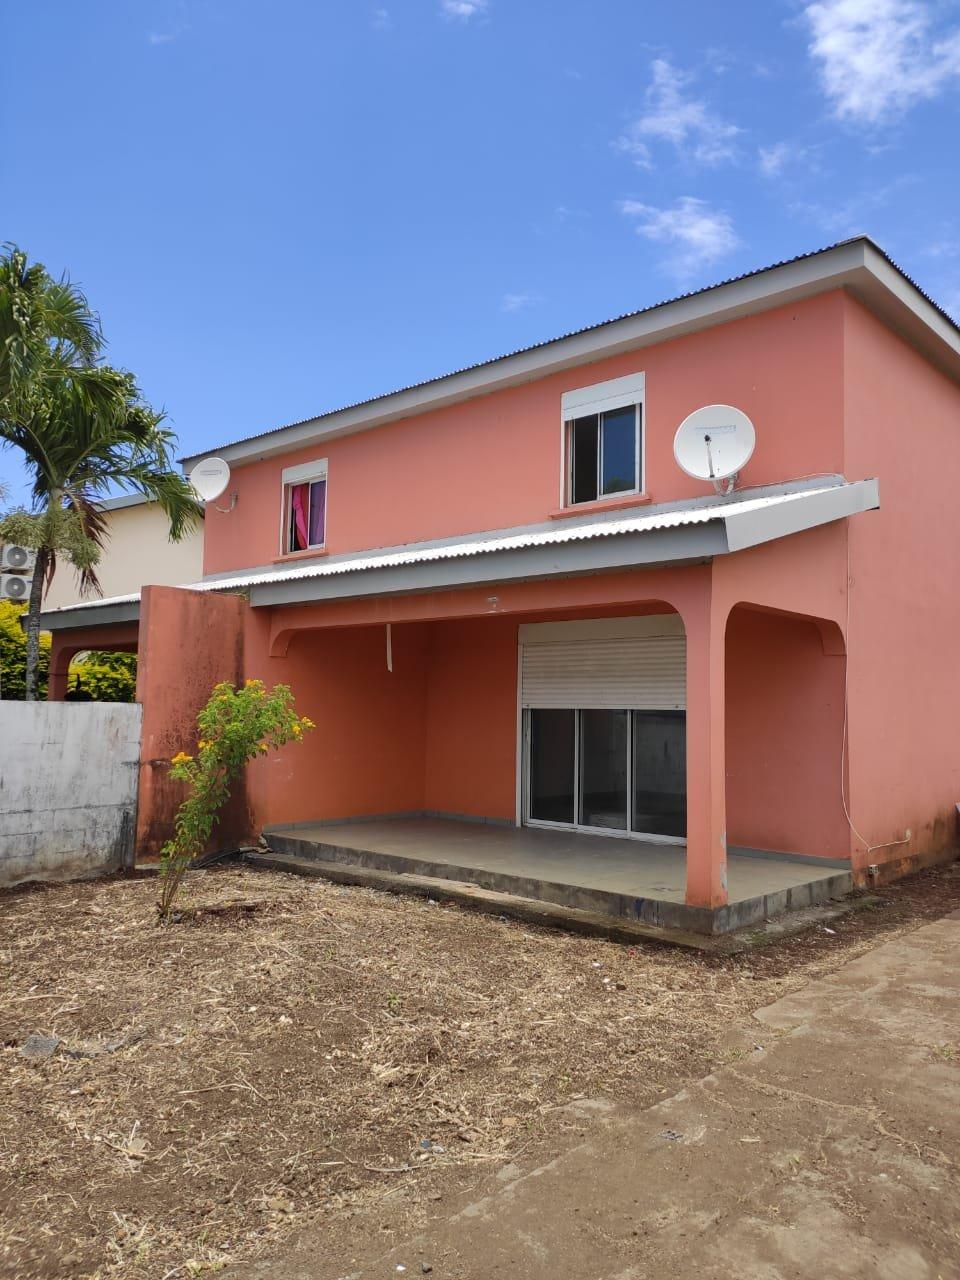 Maison F4, St André, 84m2